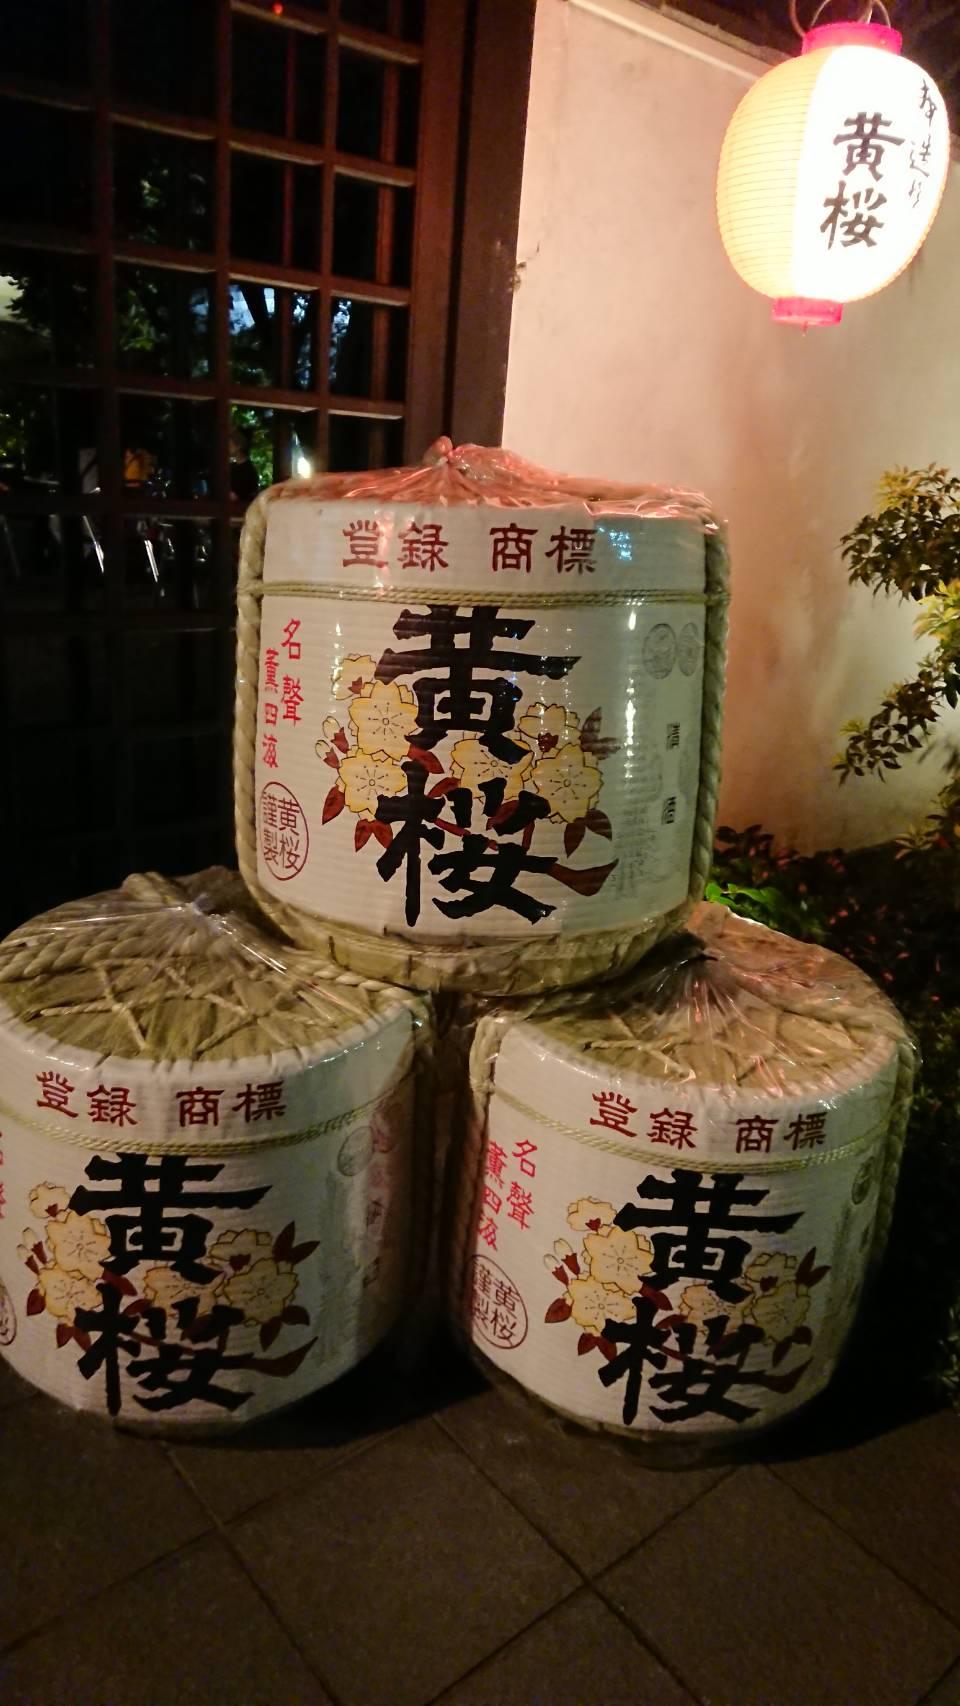 カッパカントリー(京都市/京料理)